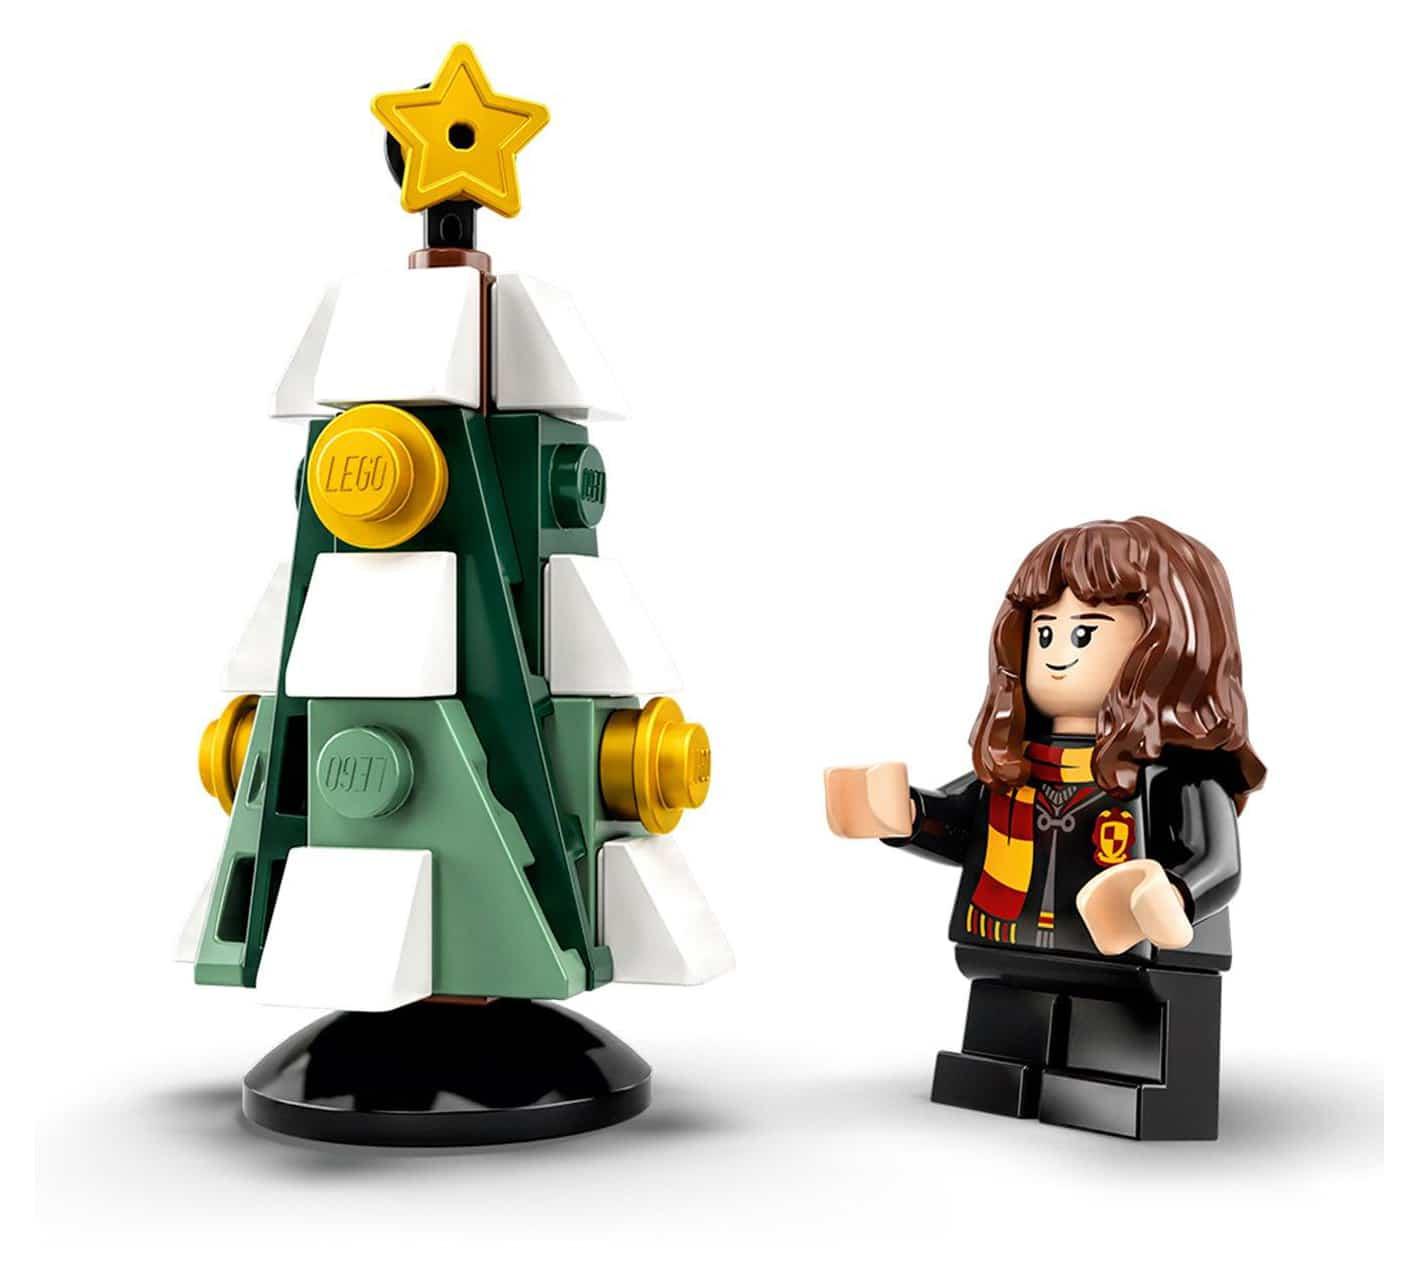 lego-harry-potter-adventskalender-75964-inhalt-weihnachtsbaum zusammengebaut.com